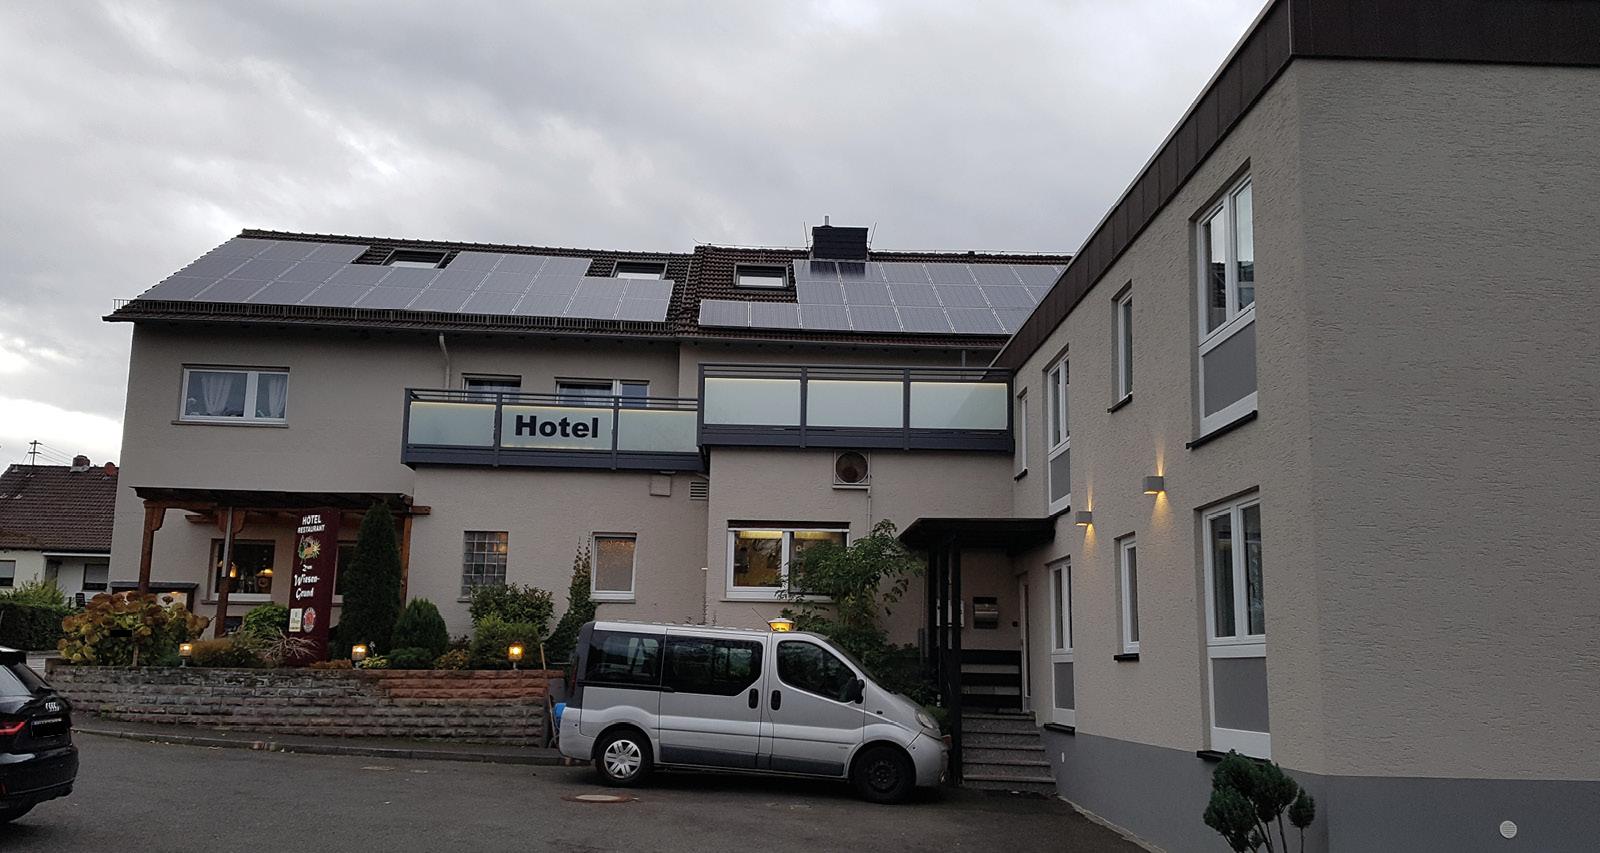 Abschiedsworte: An die Familie Fichtel und das Hotel Zum Wiesengrund